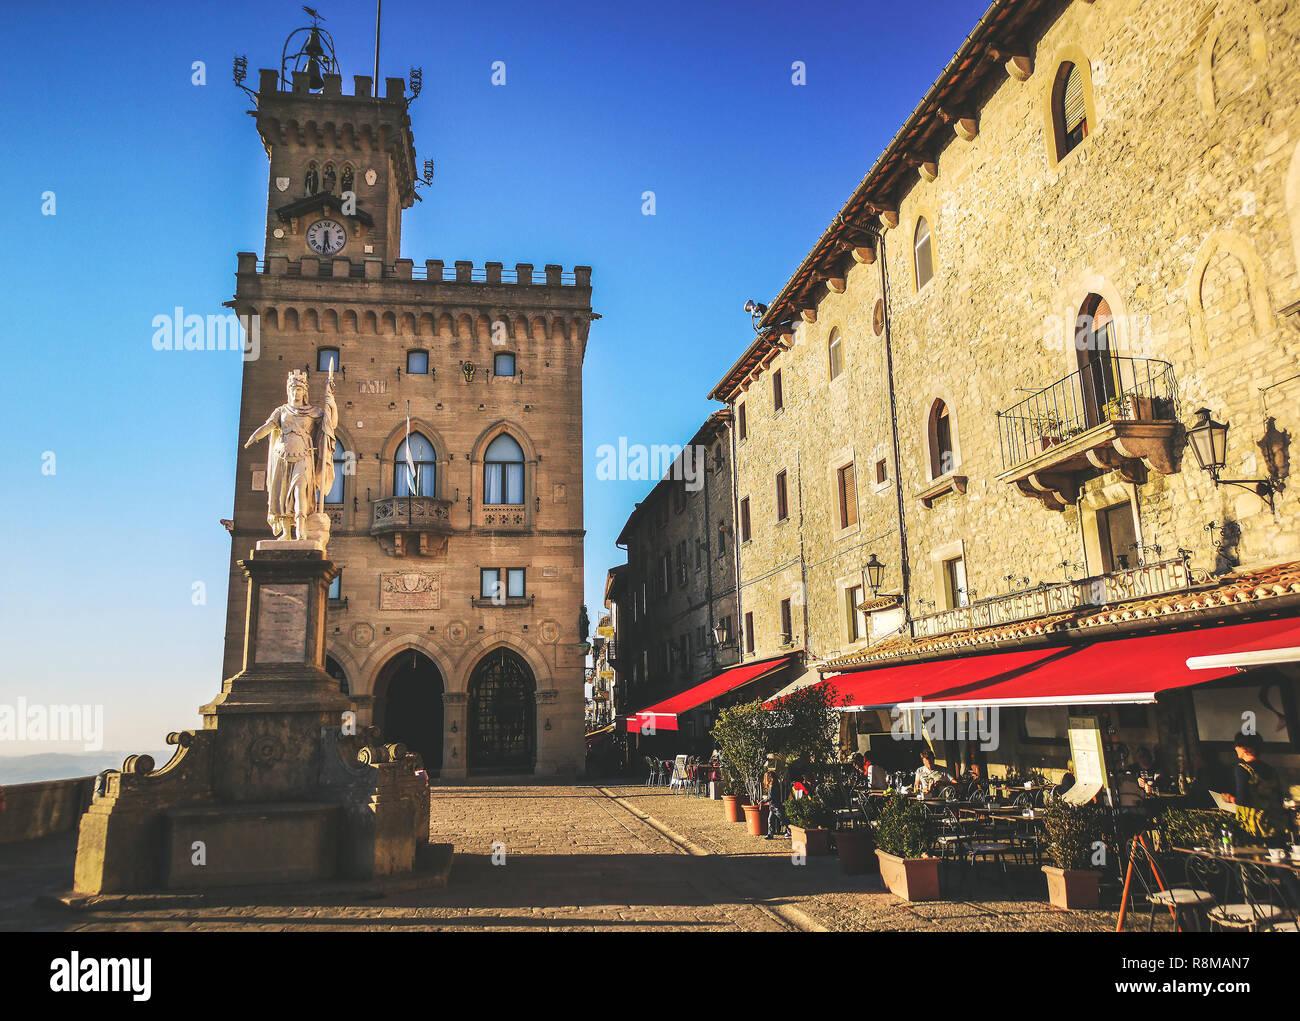 San Marino square of Palazzo Pubblico - Repubblica di San Marino - Stock Image